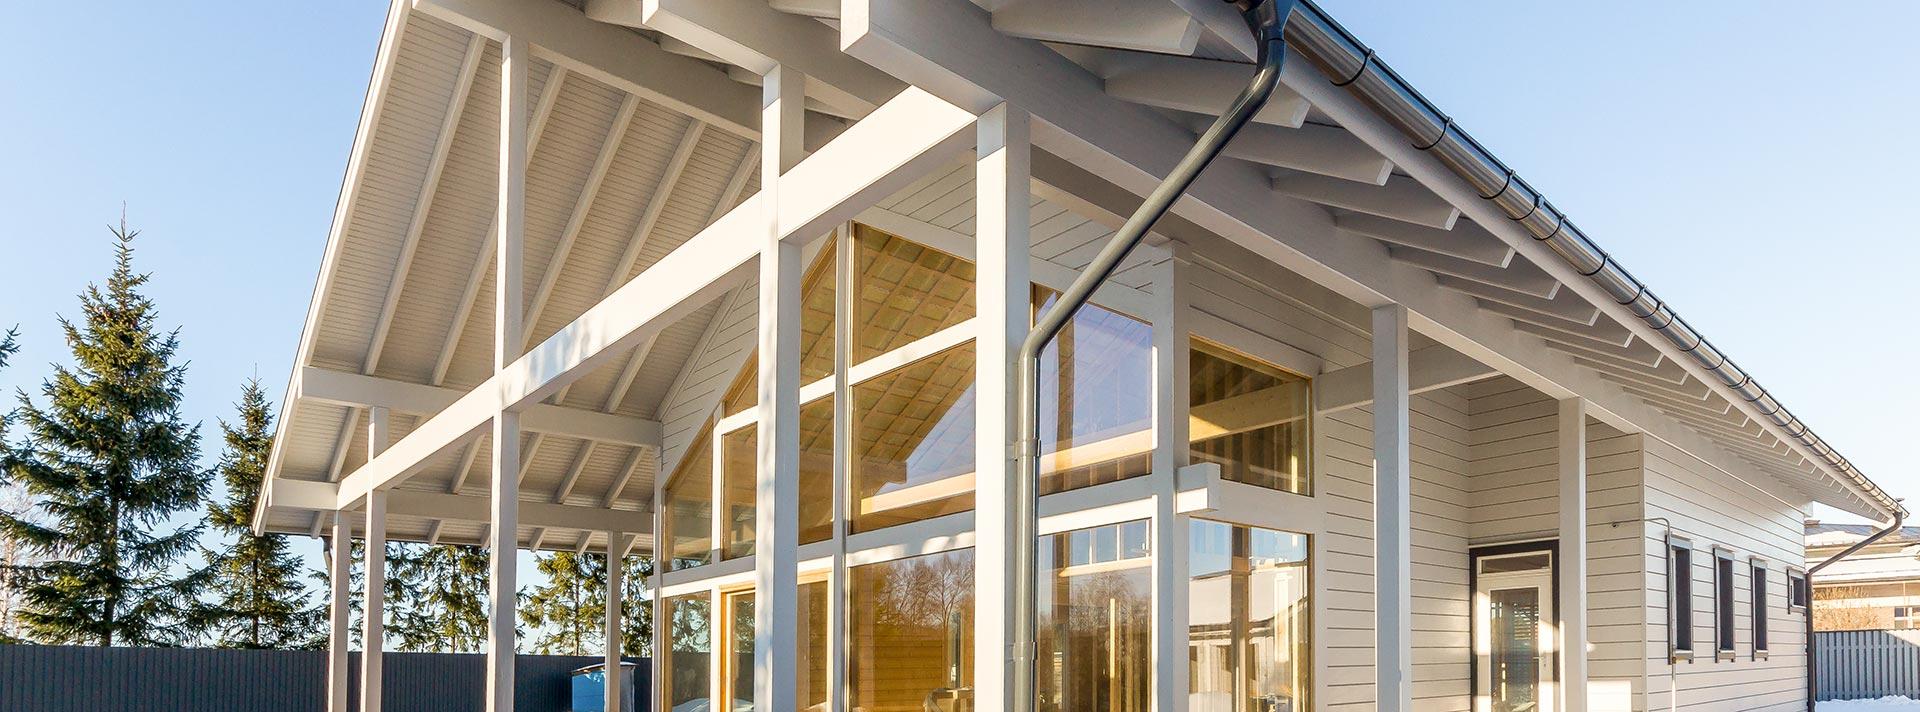 Bauen und Energie bei HolzLand Köster